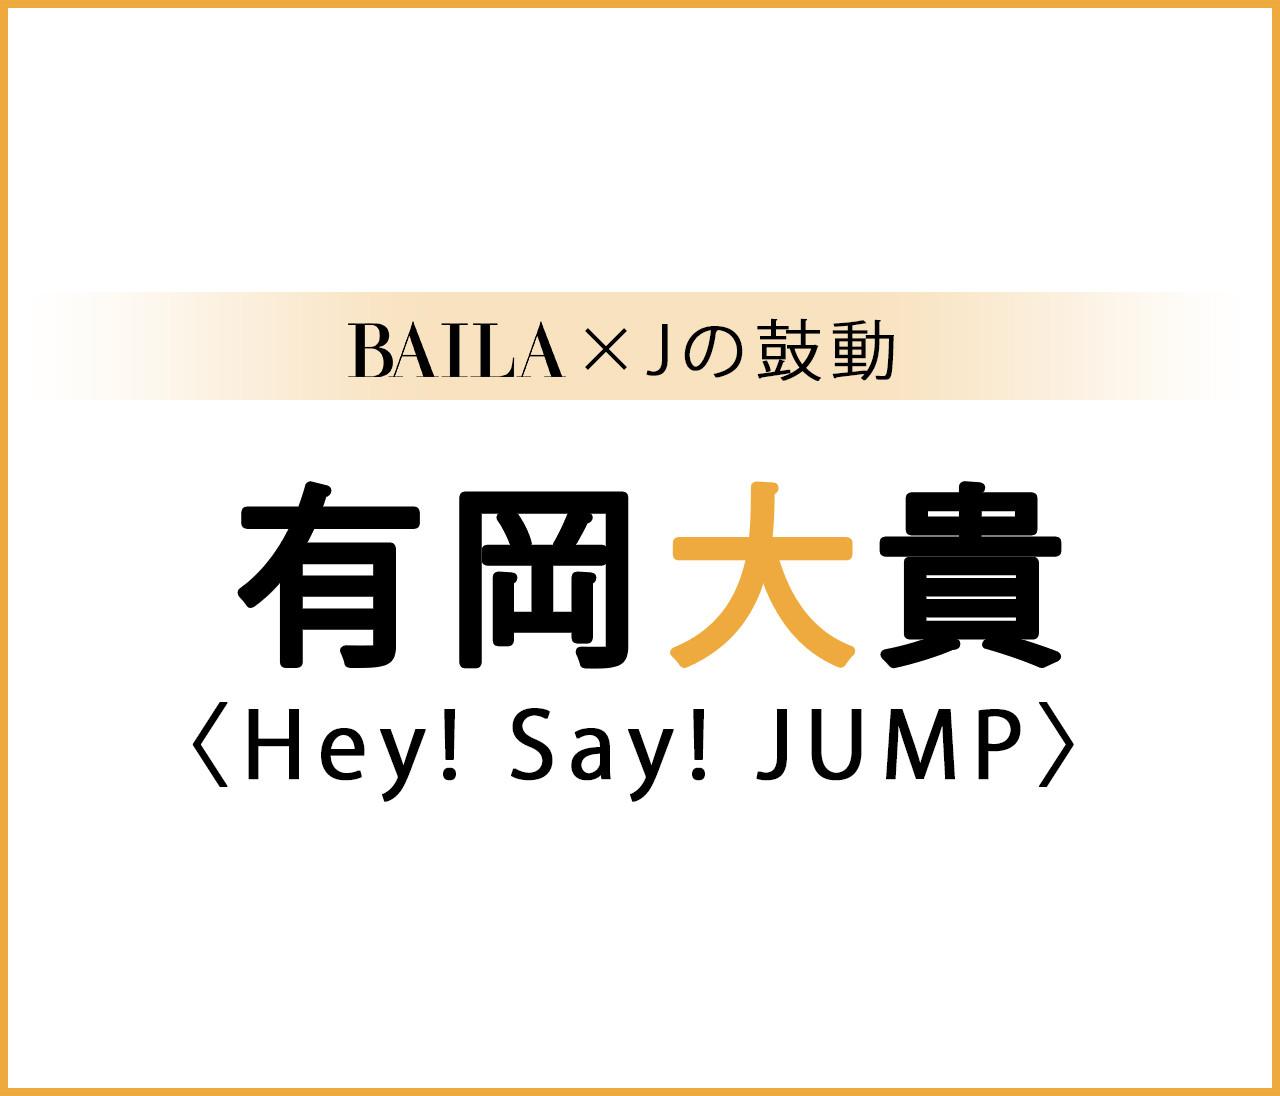 【 #HeySayJUMP #有岡大貴 】Hey! Say! JUMP 有岡大貴スペシャルインタビュー!【BAILA × Jの鼓動】